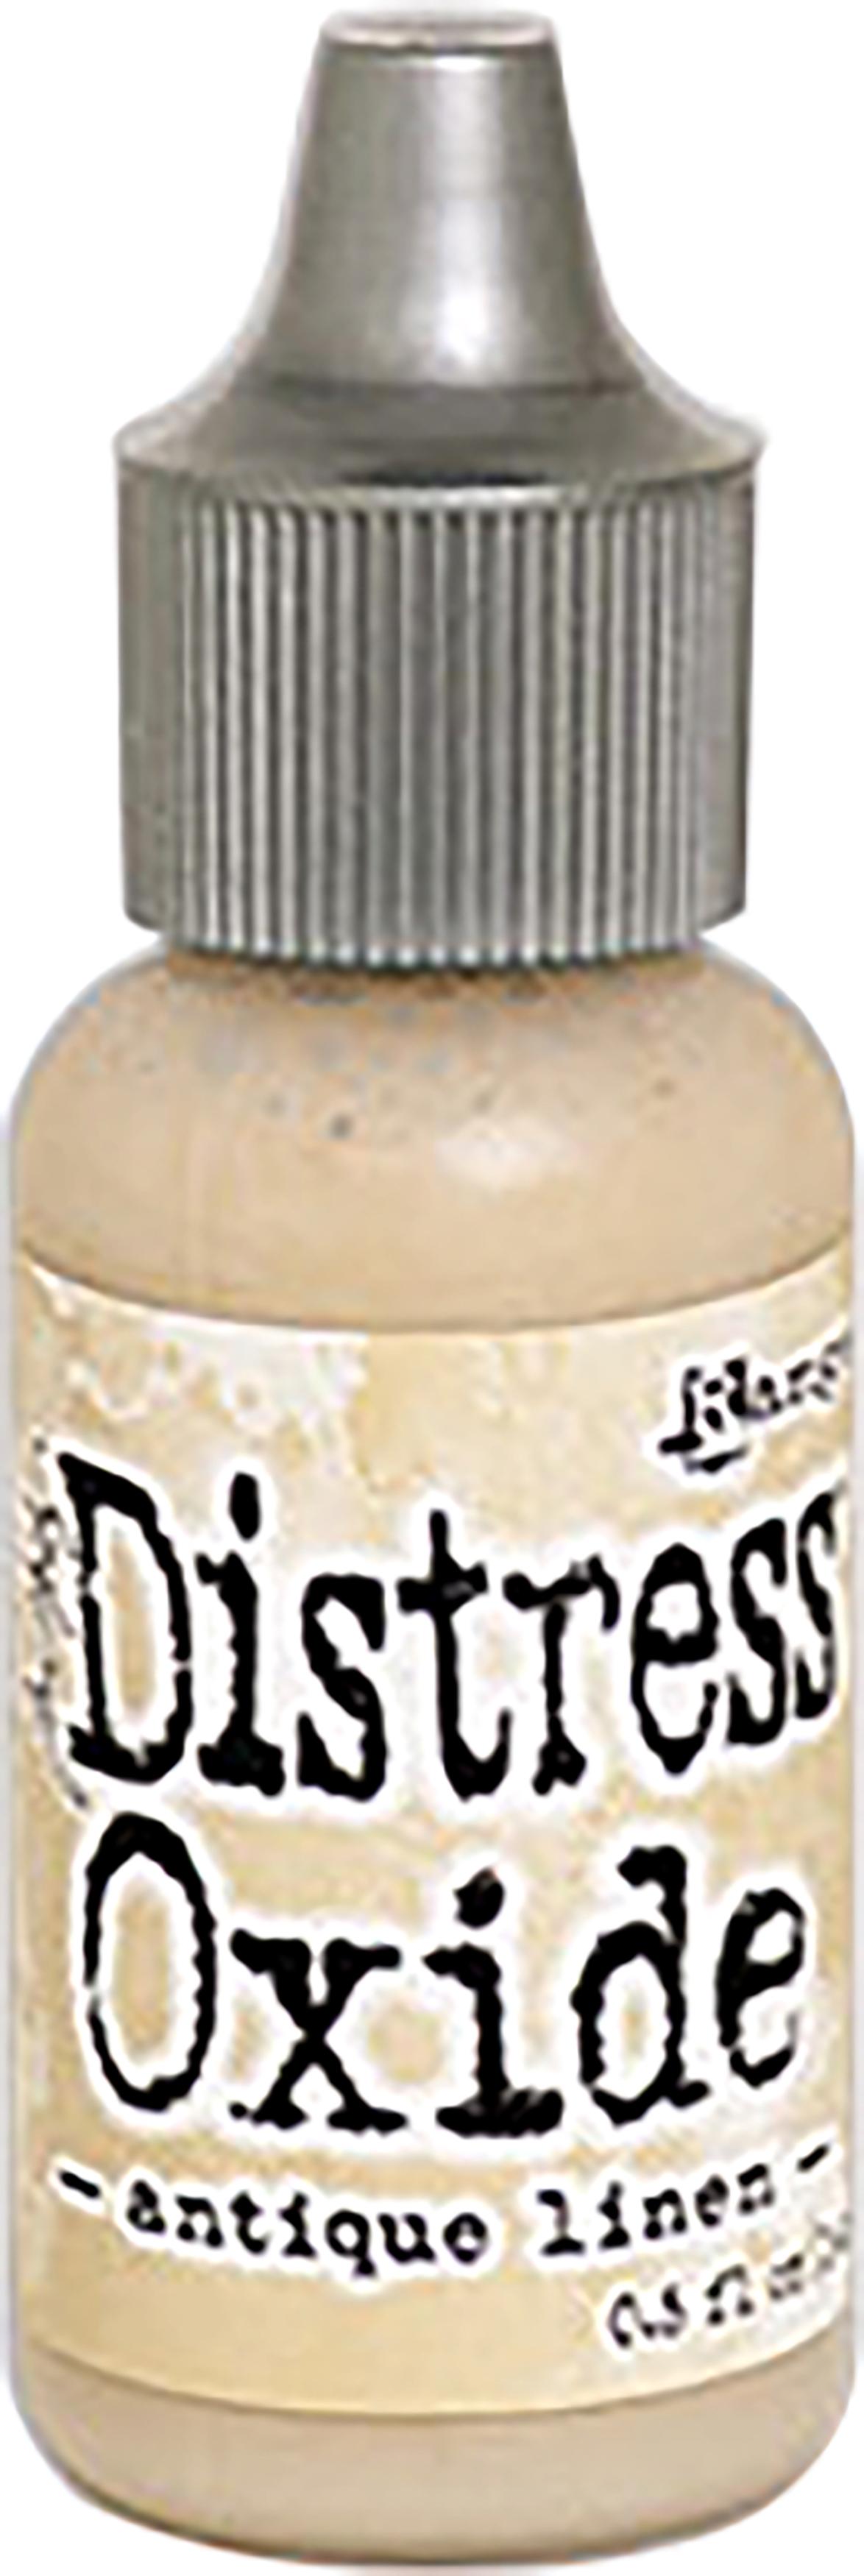 Distress Oxide reinker antique linen